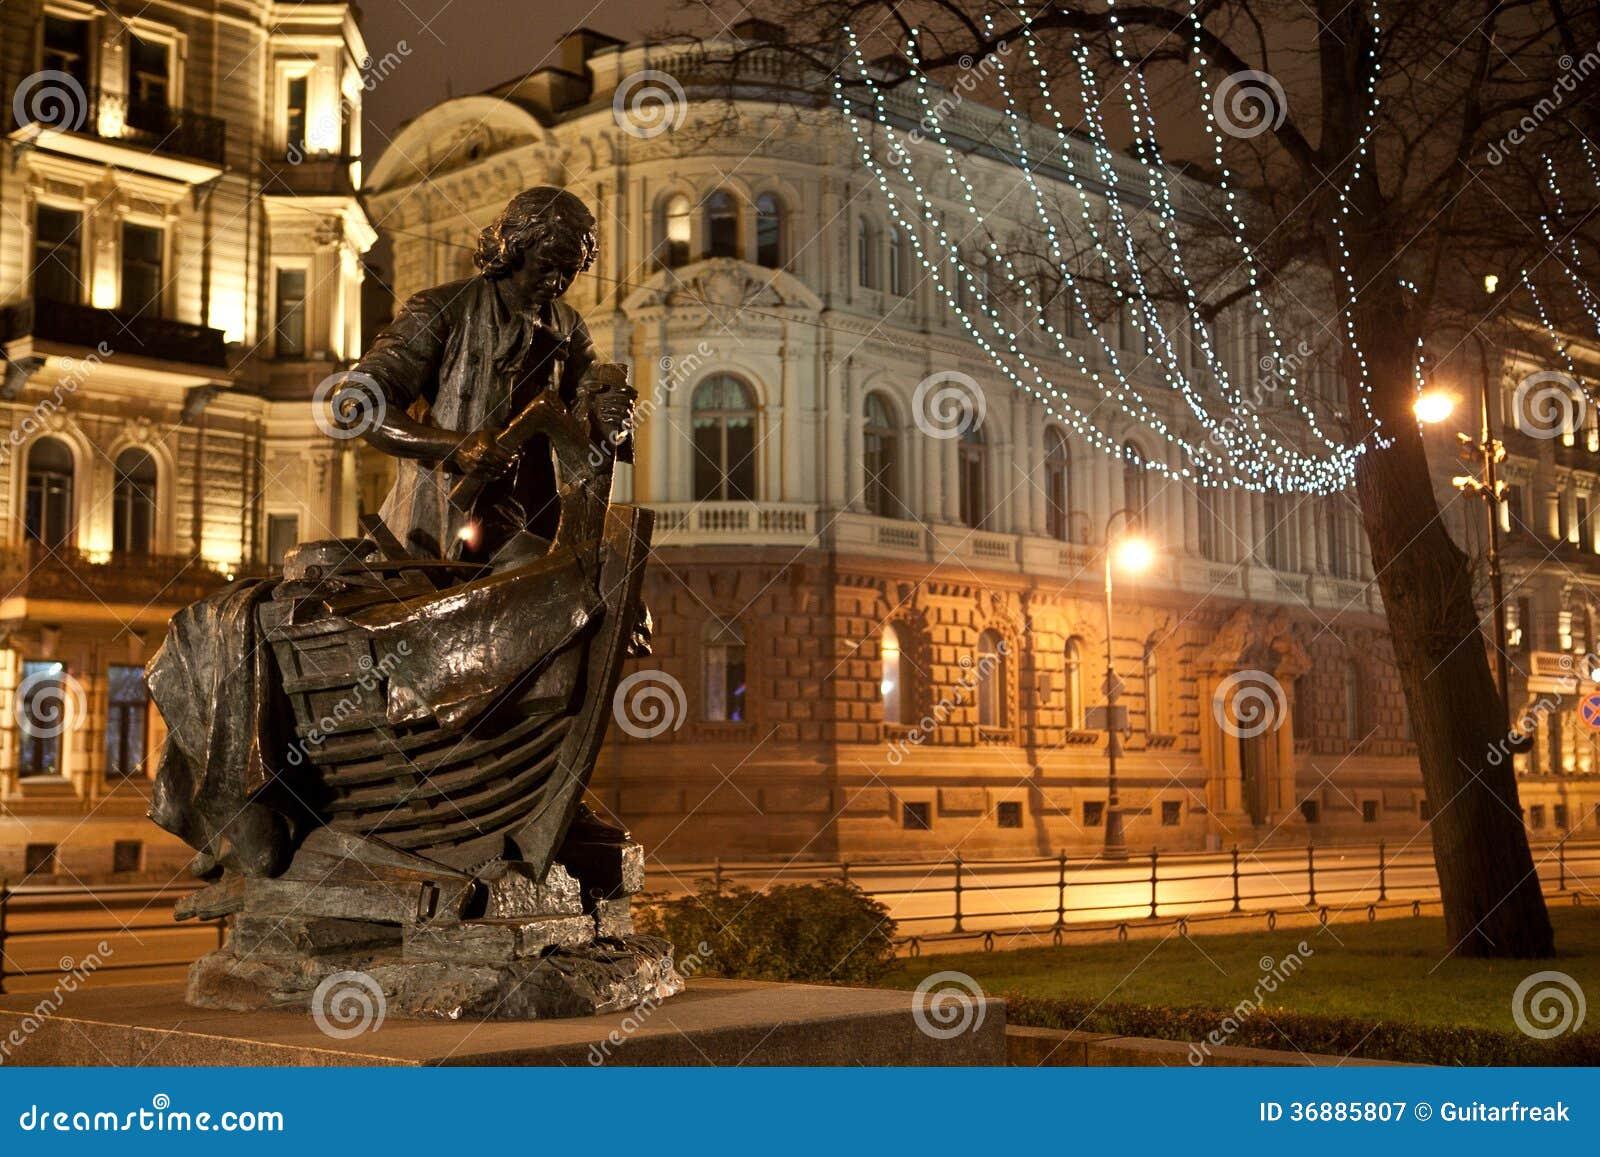 Download Peter la grande statua immagine stock. Immagine di paesaggio - 36885807